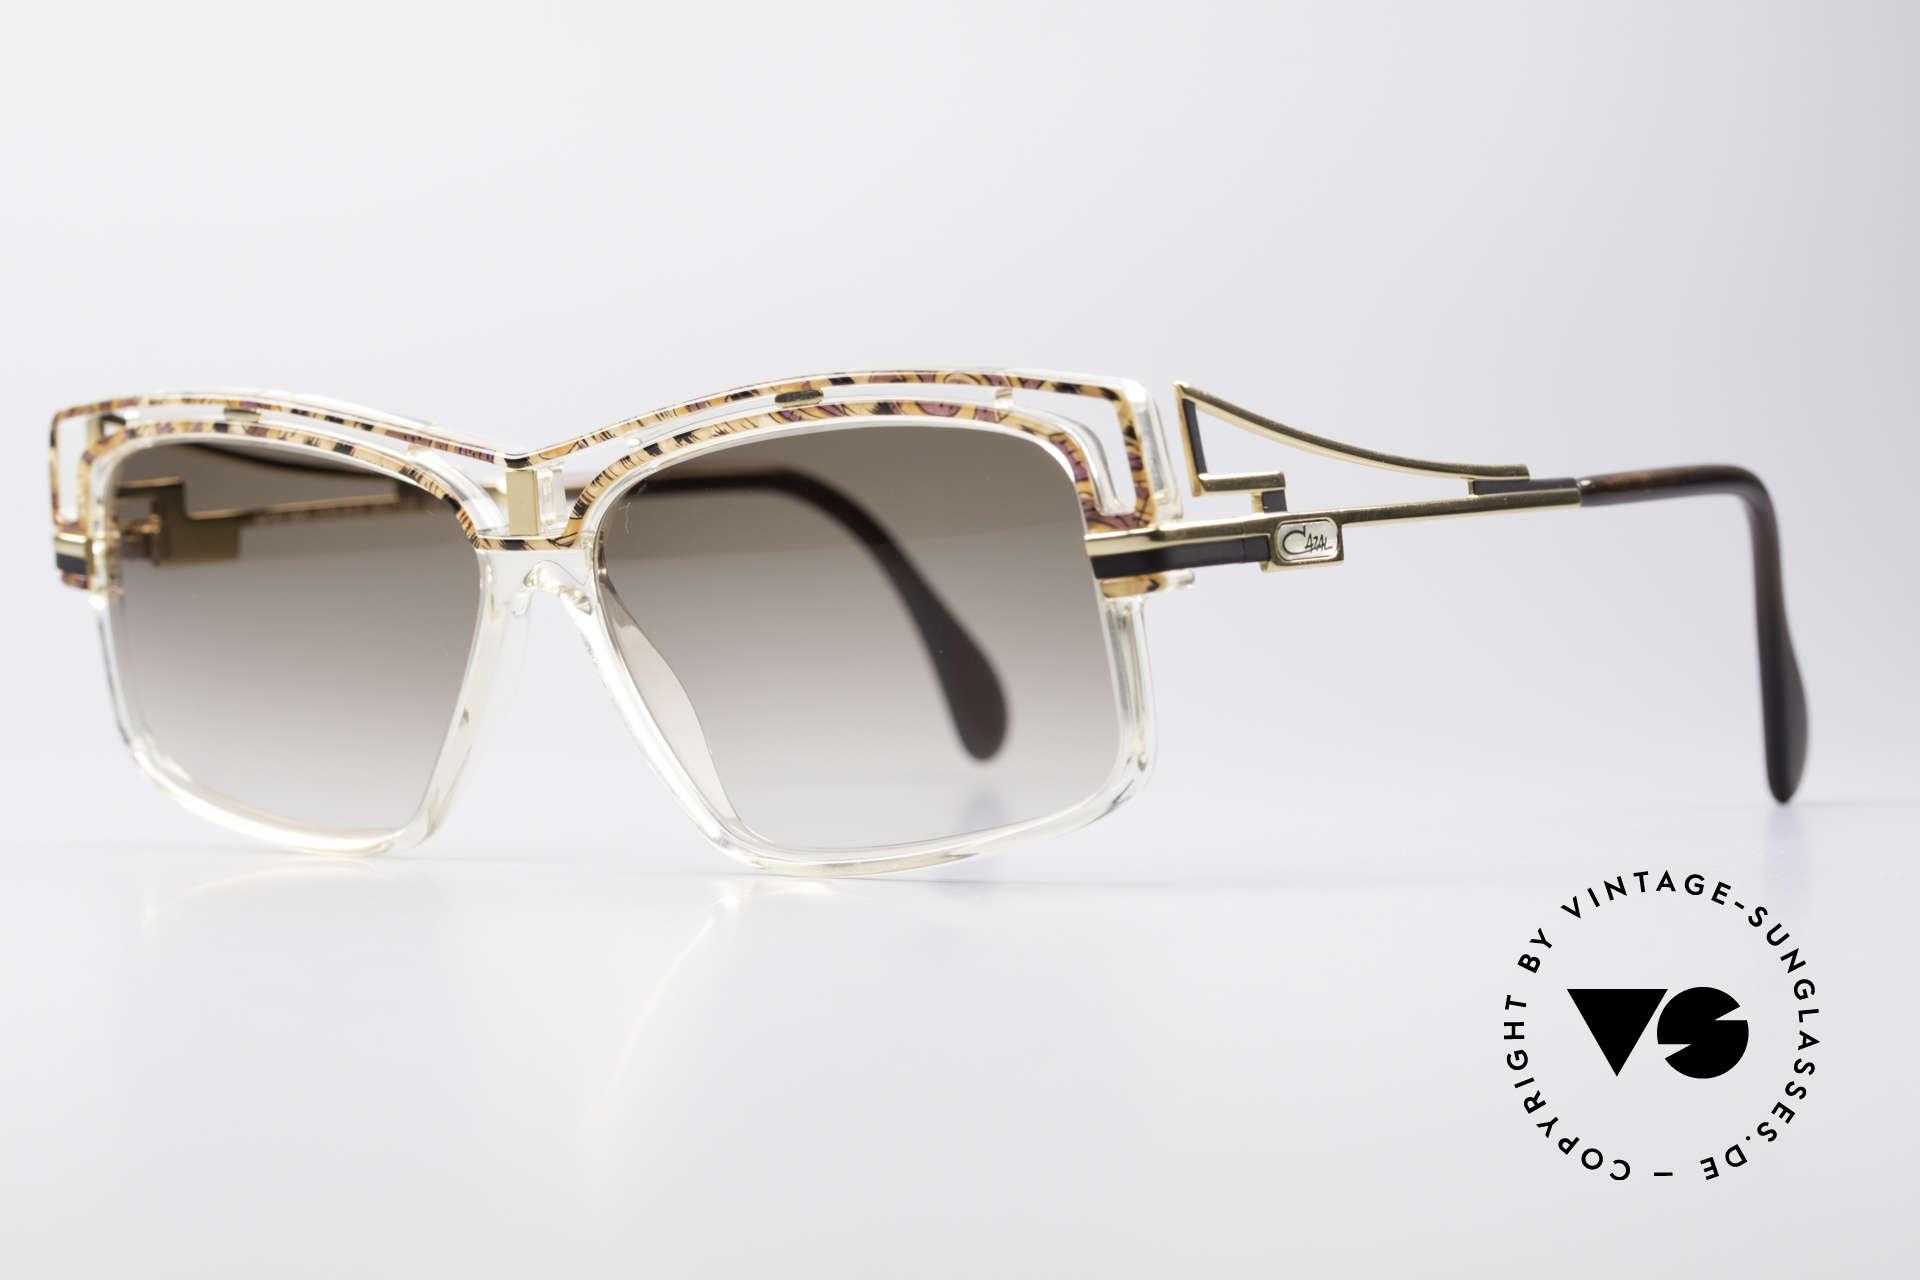 Cazal 365 Vintage No Retro Sonnenbrille, Verarbeitung & Haltbarkeit 'frame made in Germany', Passend für Herren und Damen